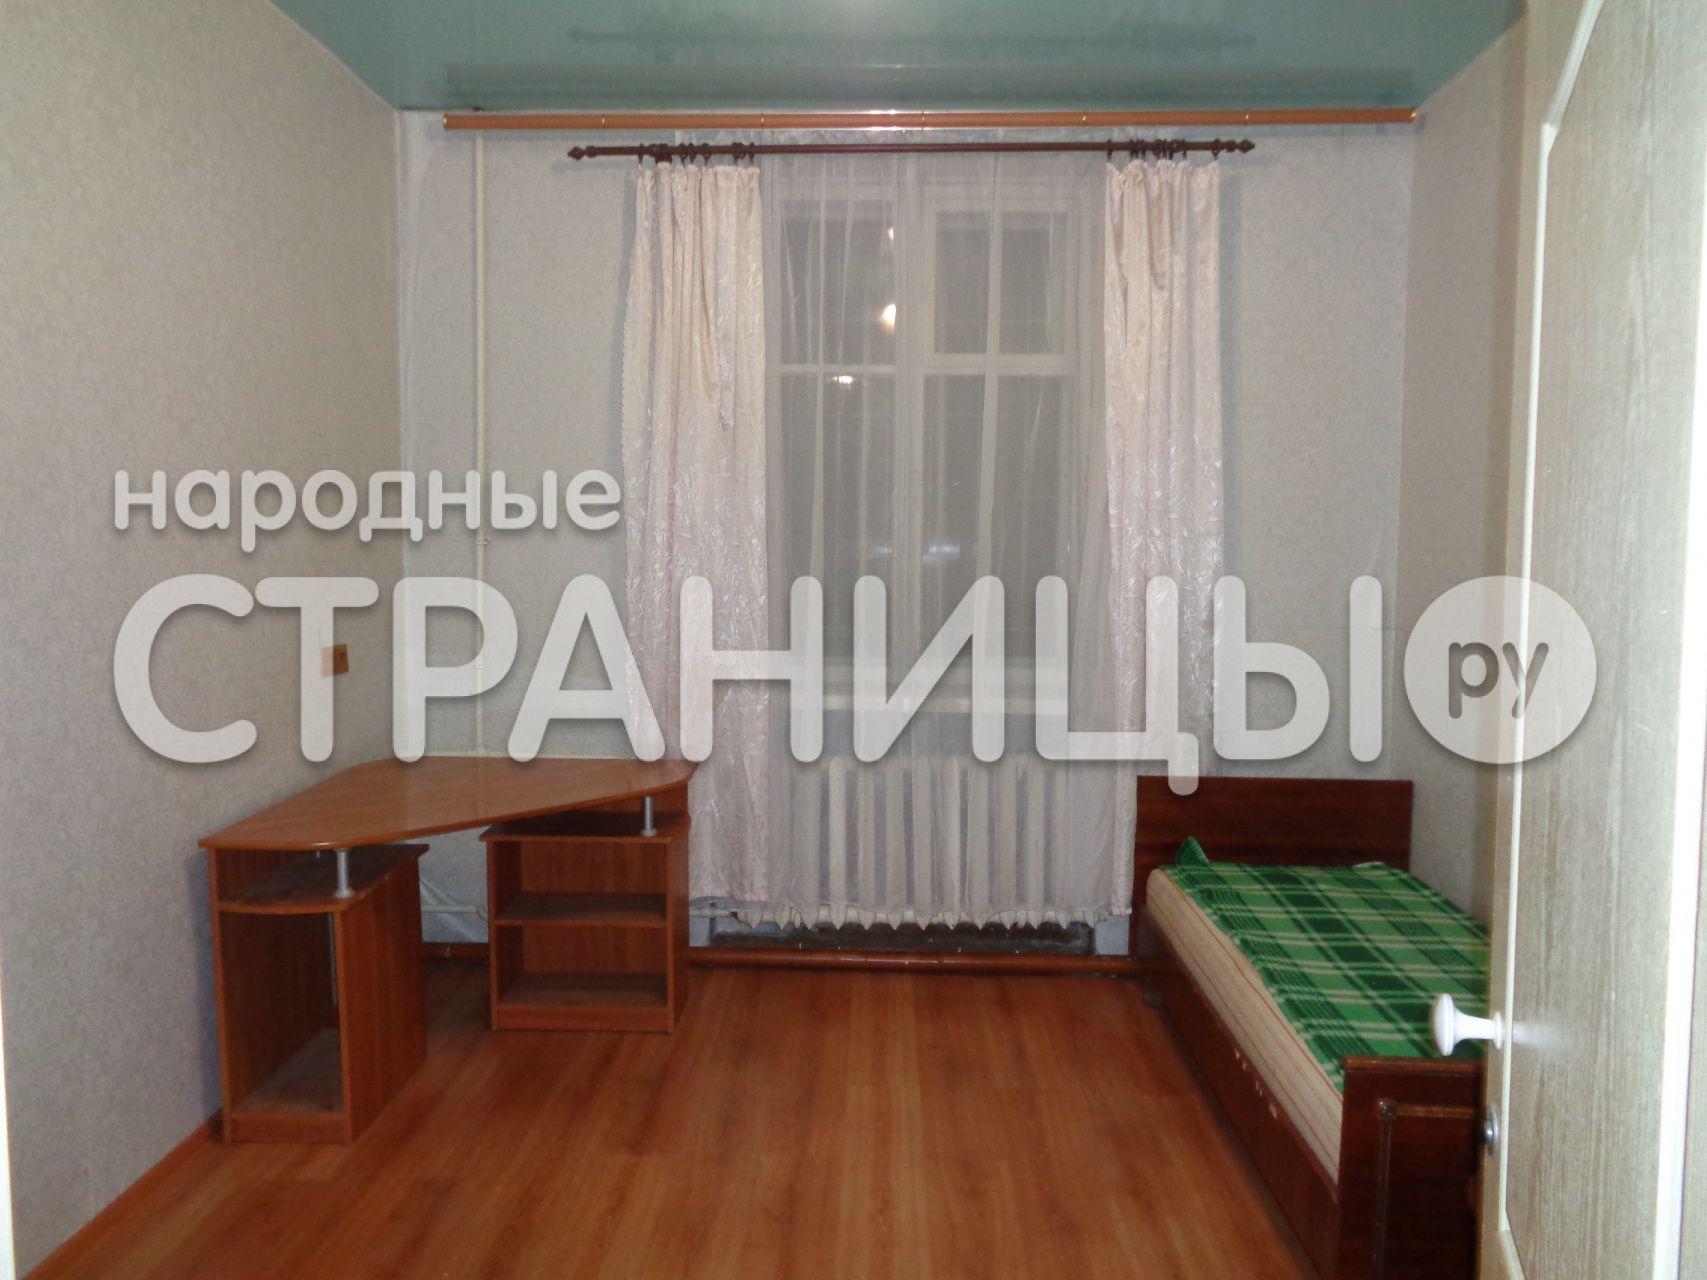 Комната в 3-к кв. 1 этаж, 60.0 кв.м.